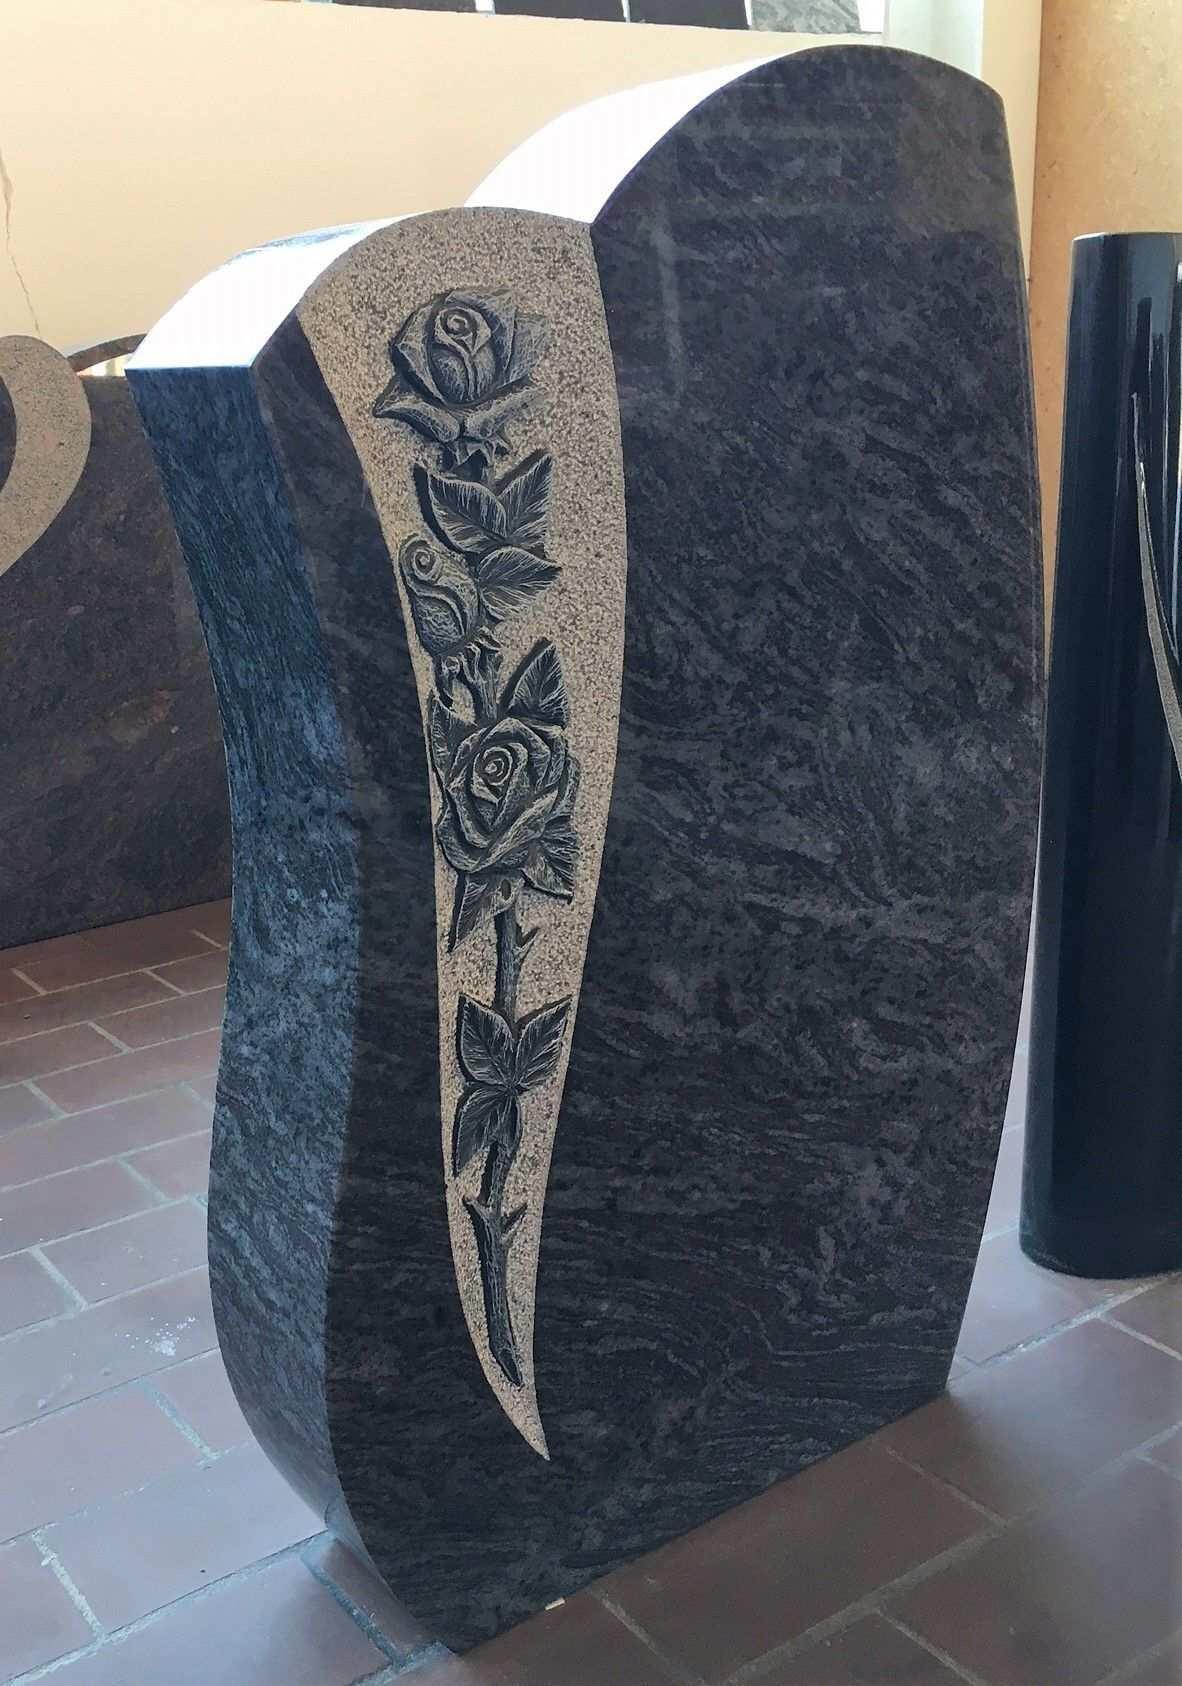 Klassischer Grabstein Mit Aussergewohnlich Schonen Rosenornamenten Der Stein Ist Aus Orion Granit Die Vom Bildhauer Tombstone Designs Cemetery Art Headstones